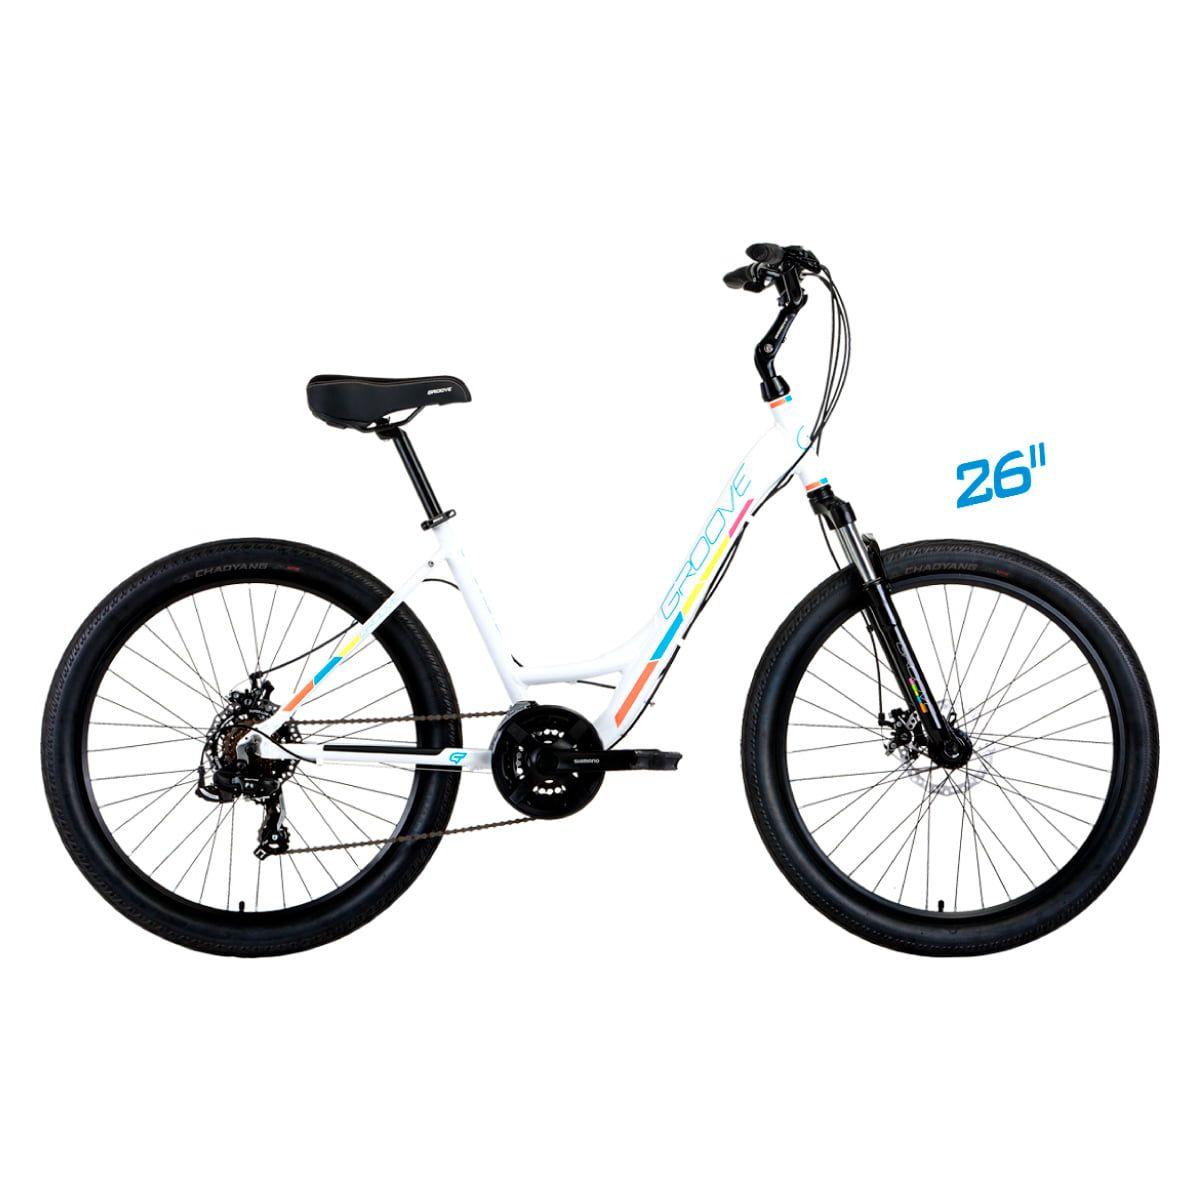 Bike Groove Dubstep 2019 Branca 21v Aro 26